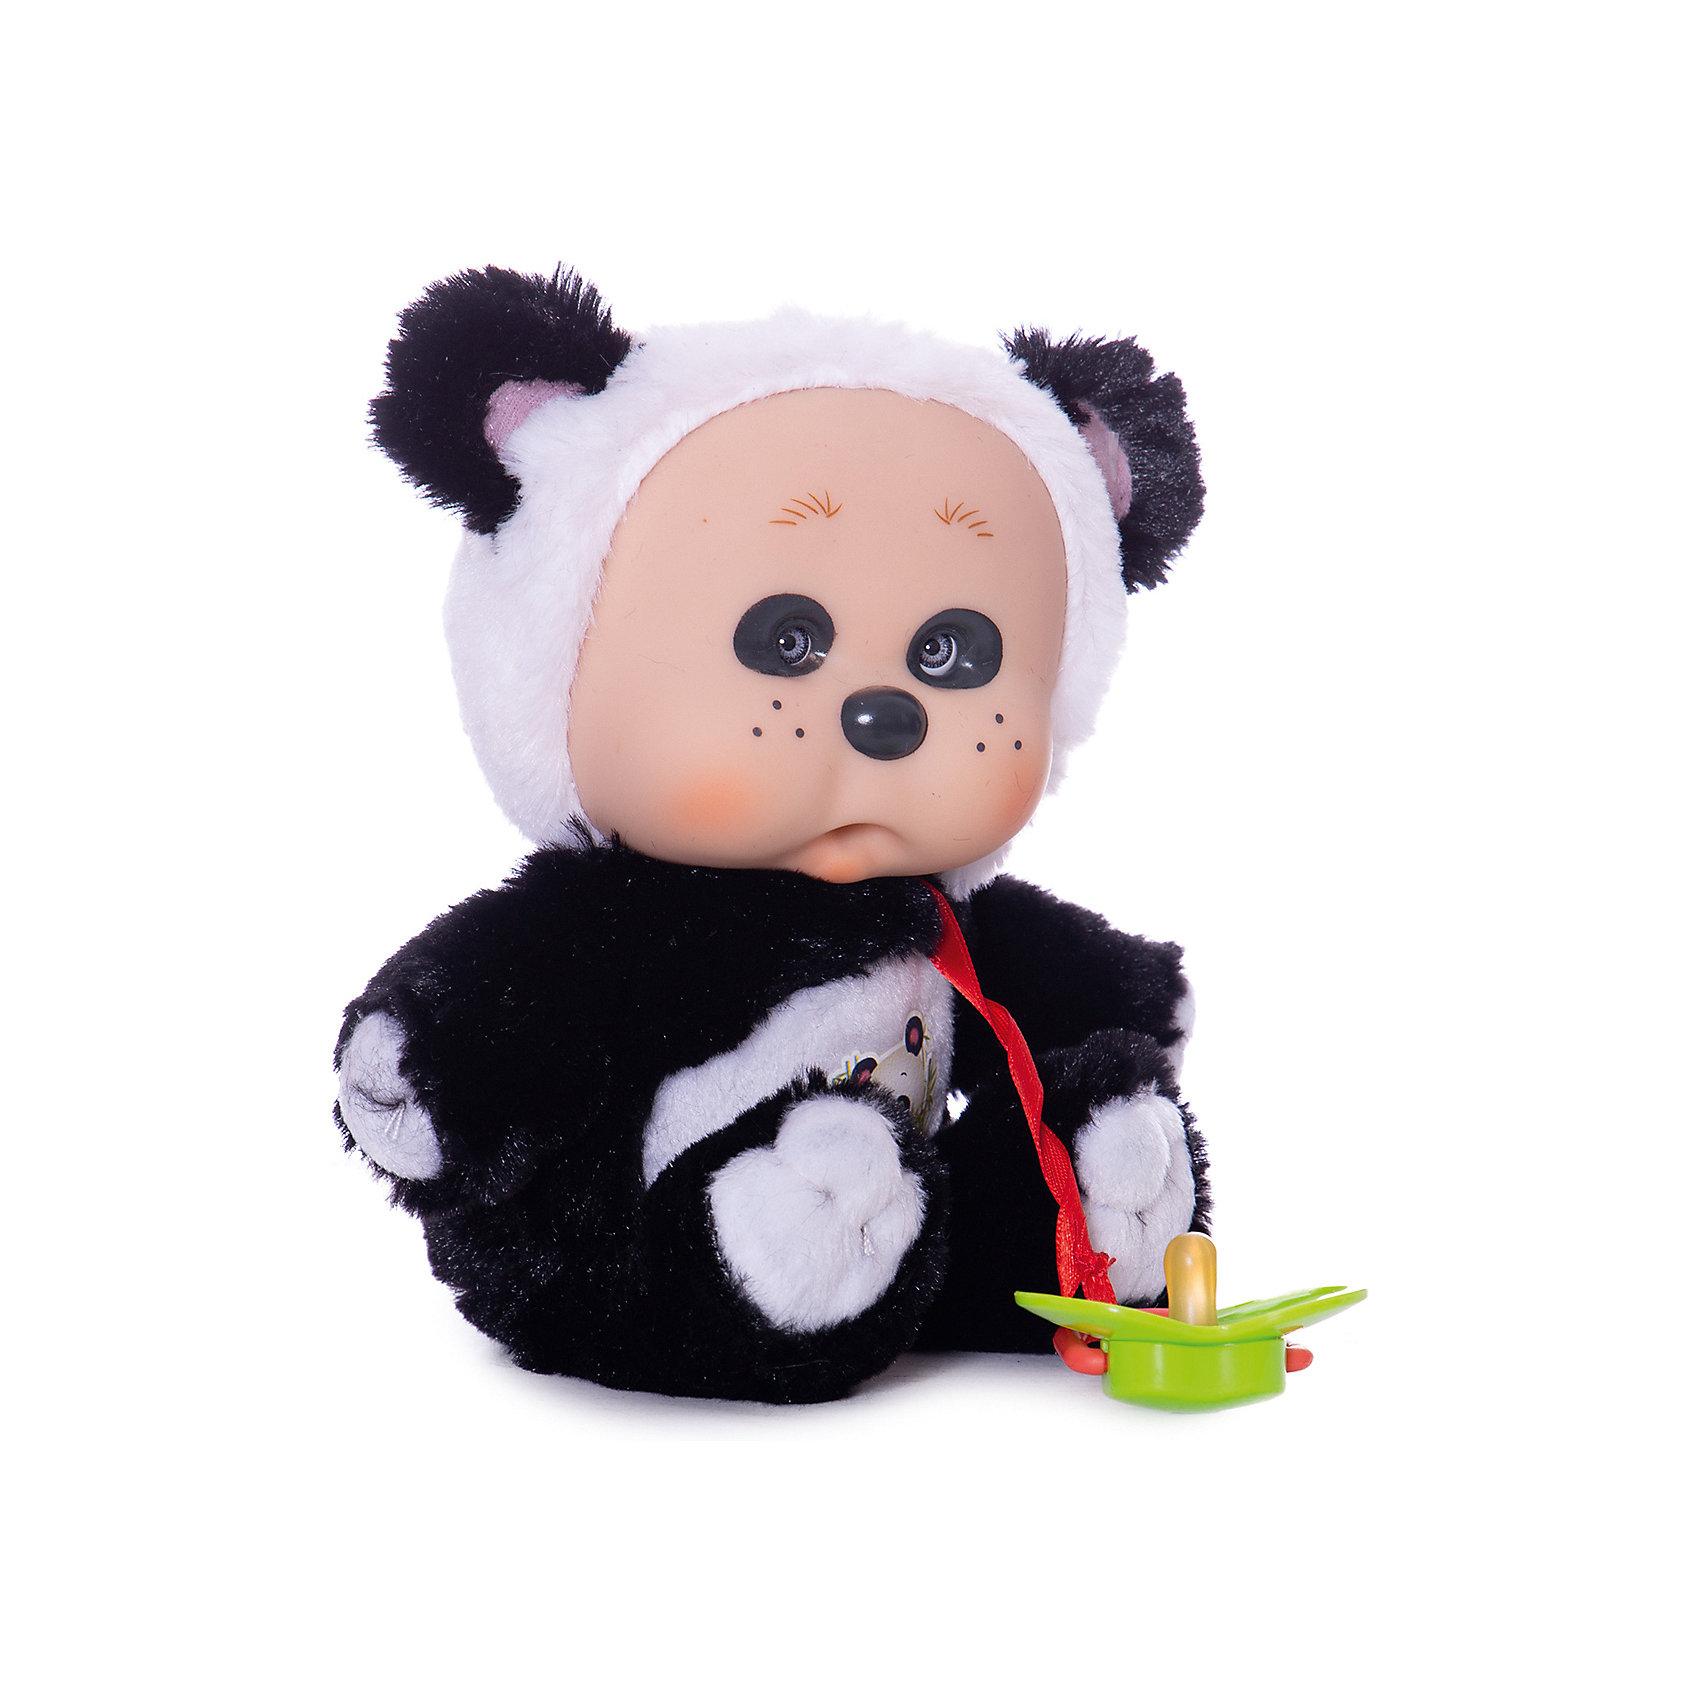 Панда Ли, YogurtinisПупсы Yogurtinis (Йогуртини) Лесные Друзья это новая серия милейших зверят от знаменитого производителя ароматных пупсов Yogurtinis (Йогуртини). Ароматный пупс и любимый лесной зверек в одной игрушке, лучшего подарка для малыша не придумать! Милый и пушистый  Панда Ли станет лучшим другом малыша, ведь он только недавно родился и тоже с радостью познает мир. Ли мягкий, приятный на ощупь, и как любой малыш панда вкусно пахнет. Кроха упакован в баночку, стилизованную под банку с вареньем, что сделает подарок еще более выразительным. <br>Забавная мордочка, выполненная из мягкого прорезиненного пластика будет неизменно вызывать улыбку у окружающих и дарить положительные эмоции малышу!<br><br>Дополнительная информация:<br><br>- В комплекте: пупс  Панда Ли с соской в стилизованной банке для варенья;<br>- Новая серия Yogurtinis (Йогуртини) Лесные Друзья;<br>- Прекрасный подарок малышу;<br>- Мягкое тело;<br>- Прекрасный фруктовый аромат;<br>- Выразительное личико;<br>- Удобно брать в путешествия;<br>- Высота игрушки: 22 см;<br>- Размер упаковки: 14 х 14 х 18,5 см;<br>- Вес: 398 г<br><br>Панду Ли, Yogurtinis (Йогуртини) можно купить в нашем интернет-магазине.<br><br>Ширина мм: 140<br>Глубина мм: 140<br>Высота мм: 185<br>Вес г: 398<br>Возраст от месяцев: 36<br>Возраст до месяцев: 72<br>Пол: Унисекс<br>Возраст: Детский<br>SKU: 3879022